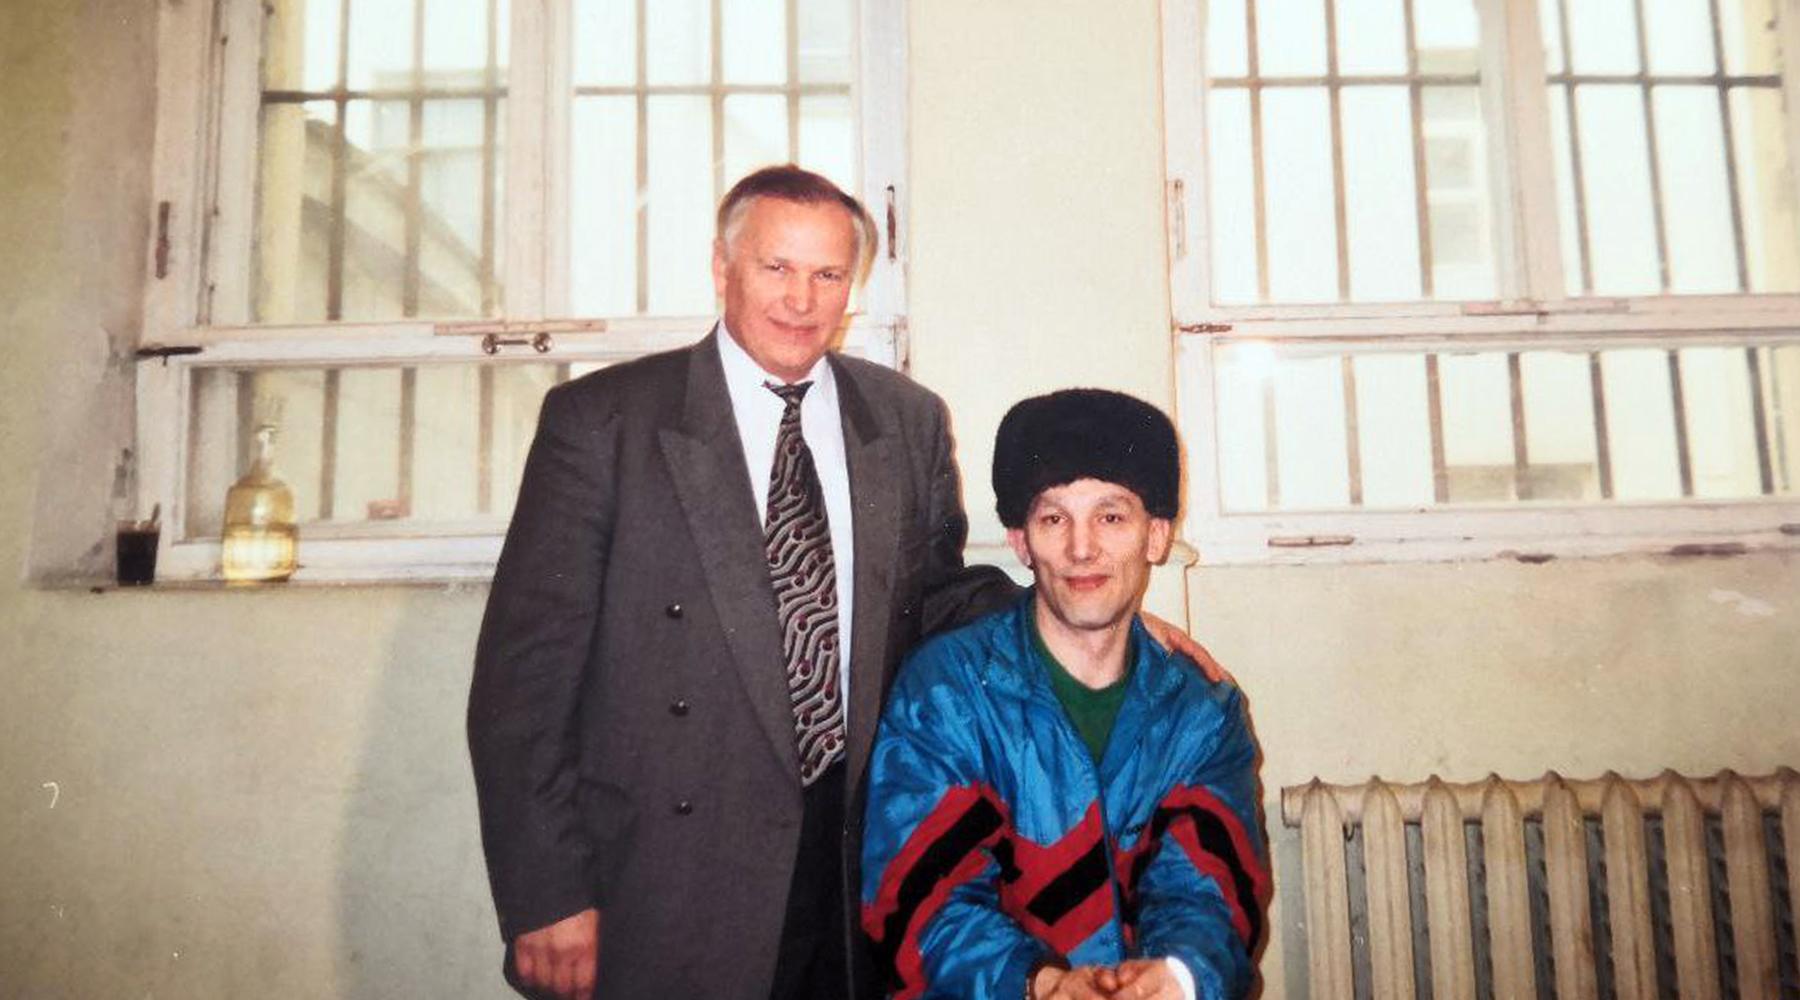 Пробудил чувства: 30 лет назад рецидивист Сергей Мадуев едва не сбежал из СИЗО при содействии следователя9